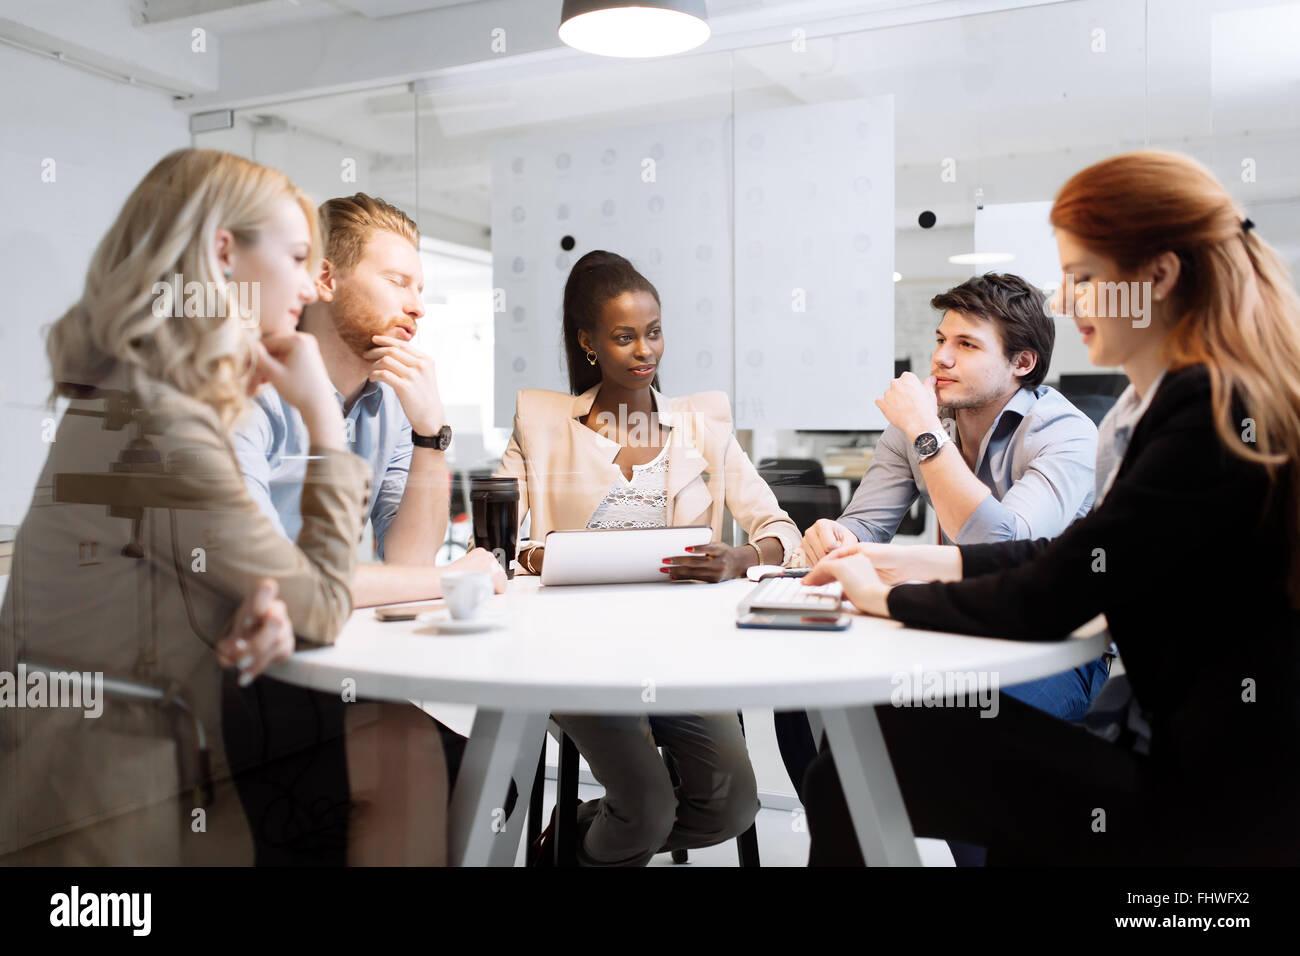 Un gruppo di persone di affari seduti alla scrivania e discutere di nuove idee Immagini Stock